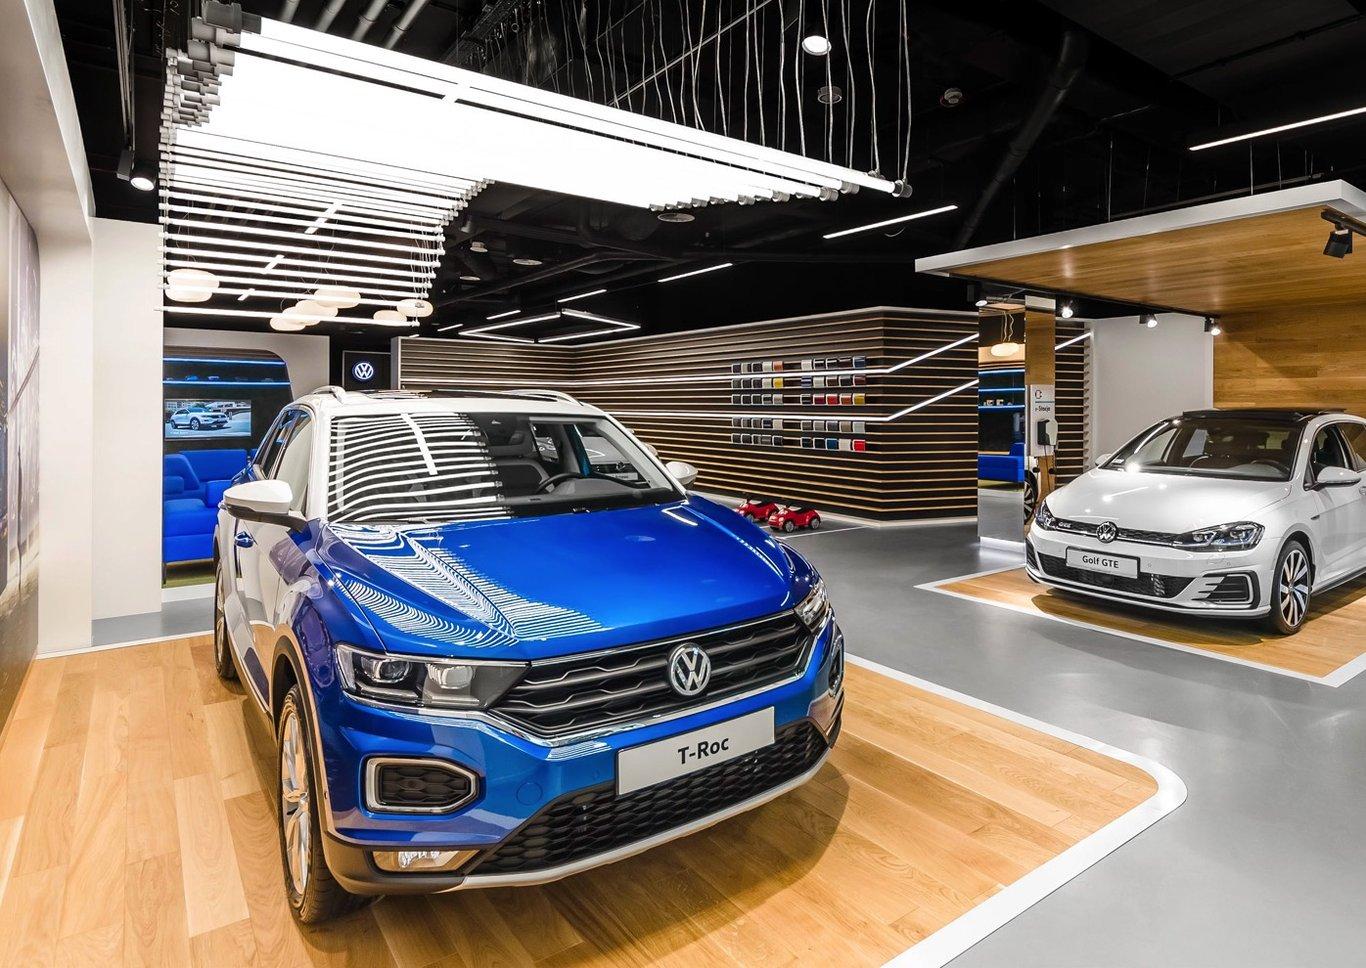 Volkswagen%20home%20interior